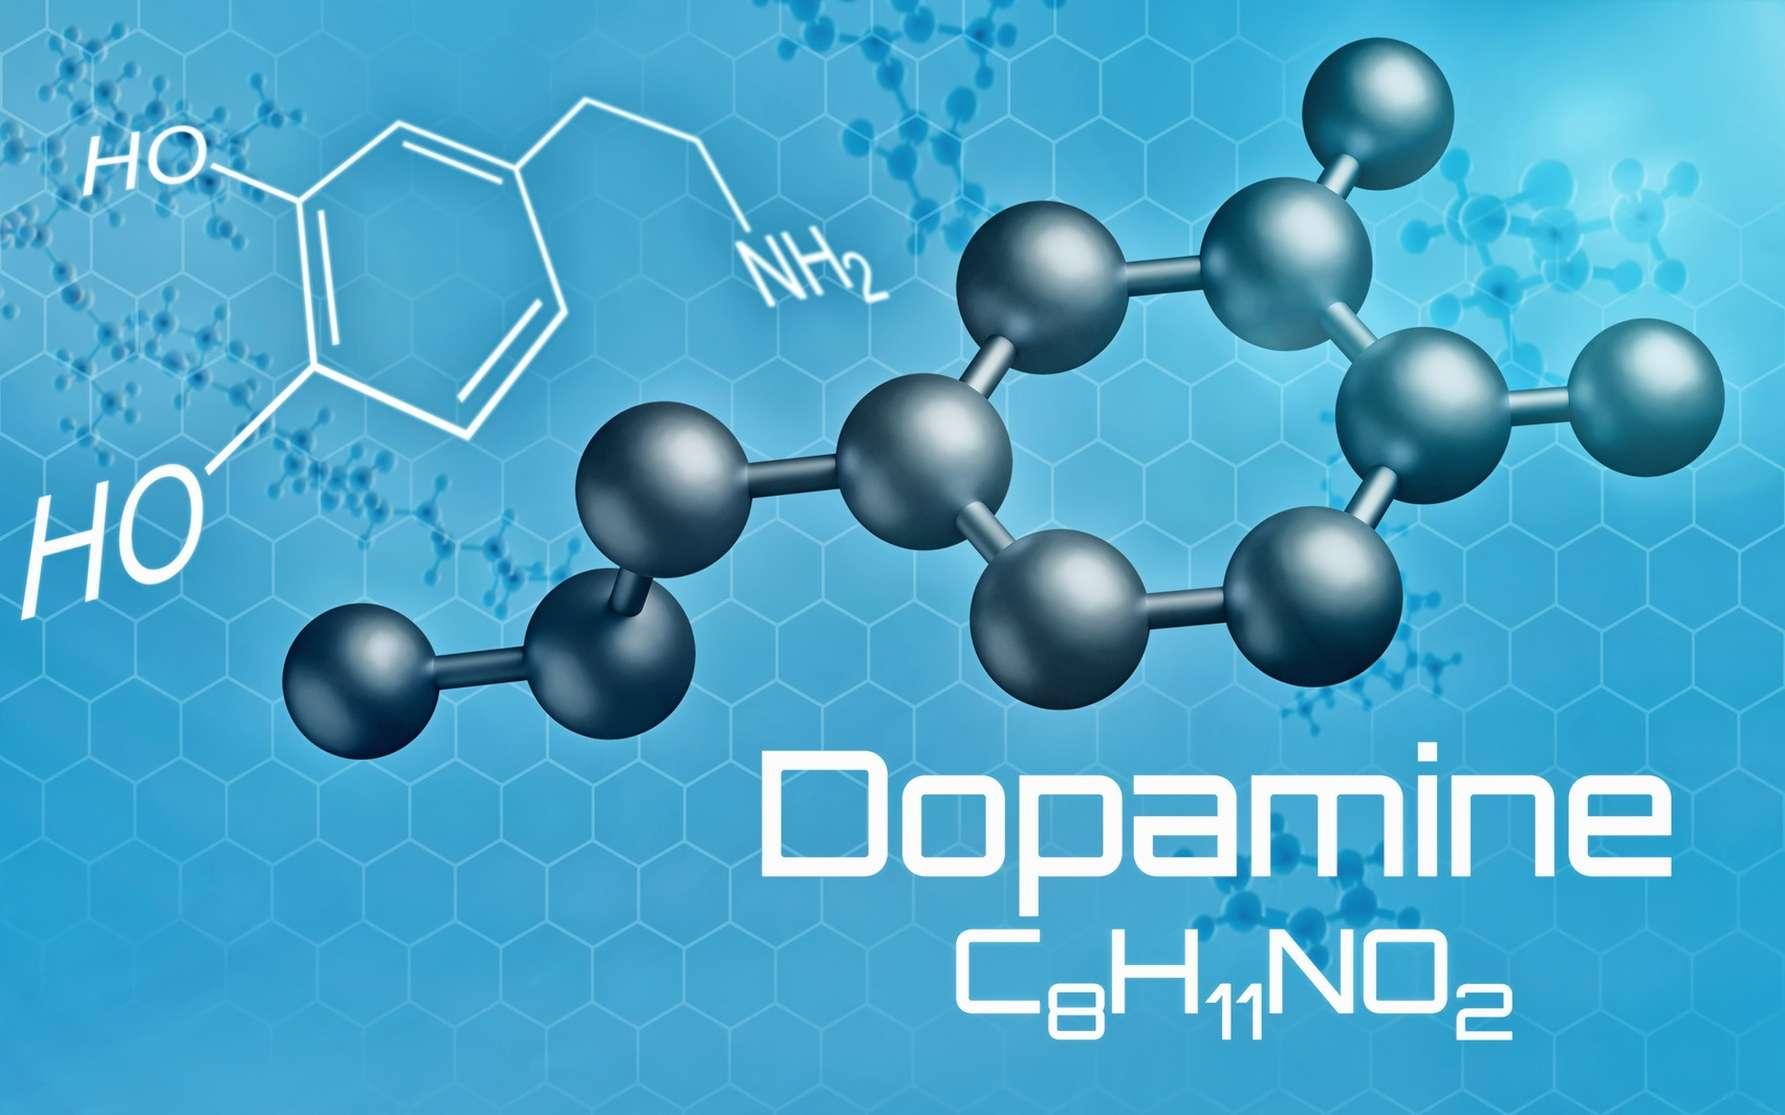 La dopamine est le principal neurotransmetteur impliqué dans le circuit de la récompense. © Zerbor, Fotolia